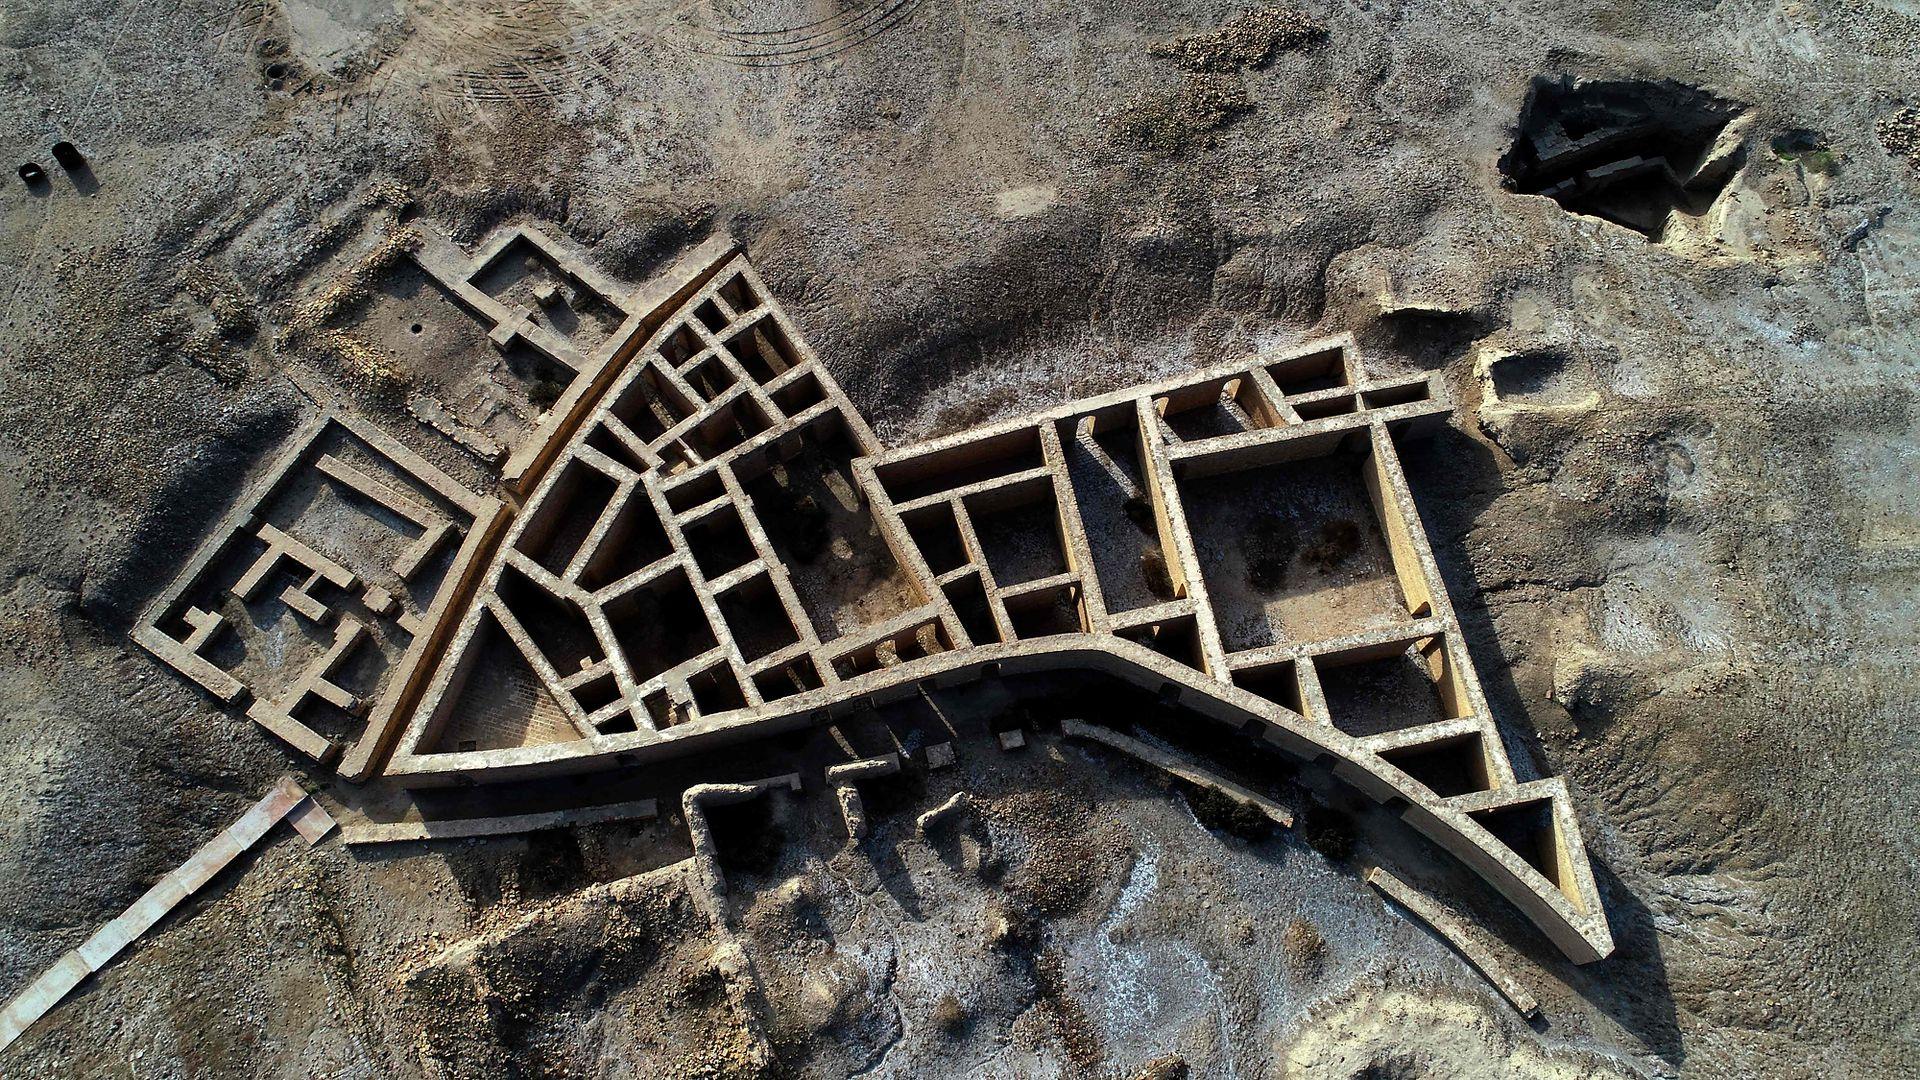 En julio de 2016, la Unesco eligió el sitio arqueológico de Ur como Patrimonio Mixto de la Humanidad, como «parte de los vestigios arqueológicos de asentamientos sumerios en la Baja Mesopotamia, que florecieron entre el tercer y cuarto milenio antes de Cristo en el delta pantanoso formado por los ríos Éufrates y Tigris